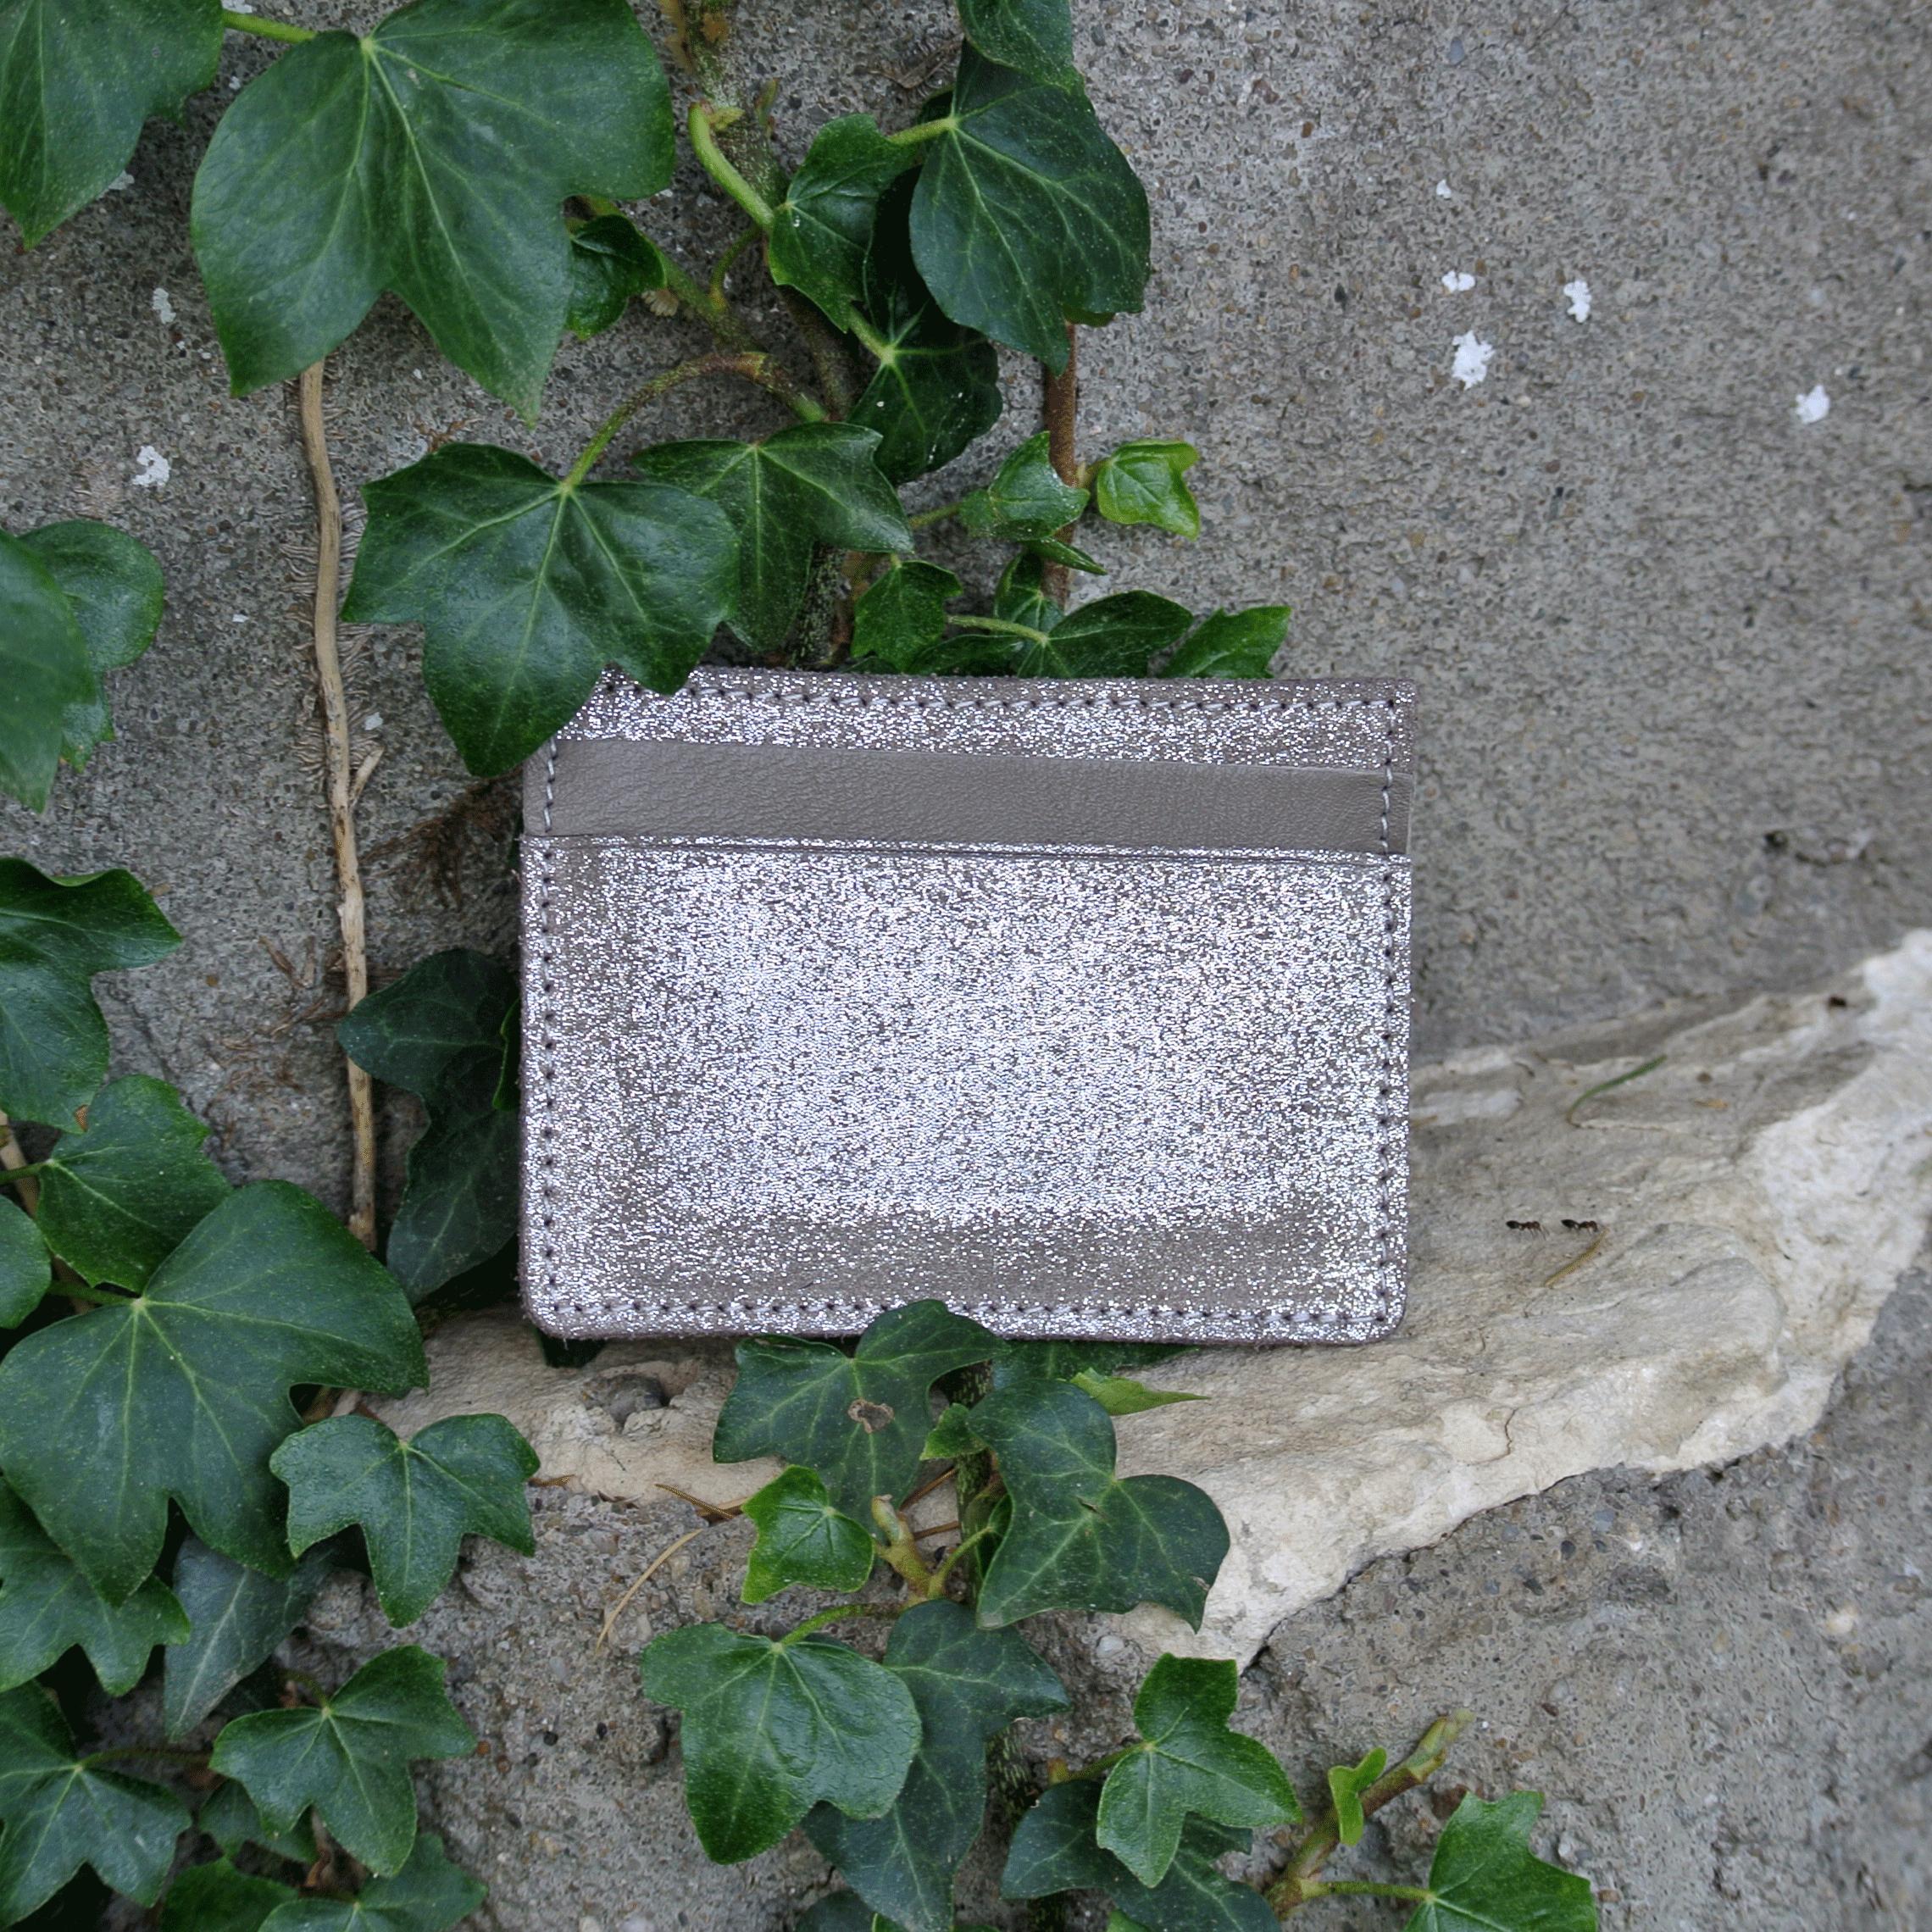 cuirs-pailletés-cuirs-fantaisies-fabriqué-en-france-la-cartabliere-etui-carte-triple-cuir-paillete-biche